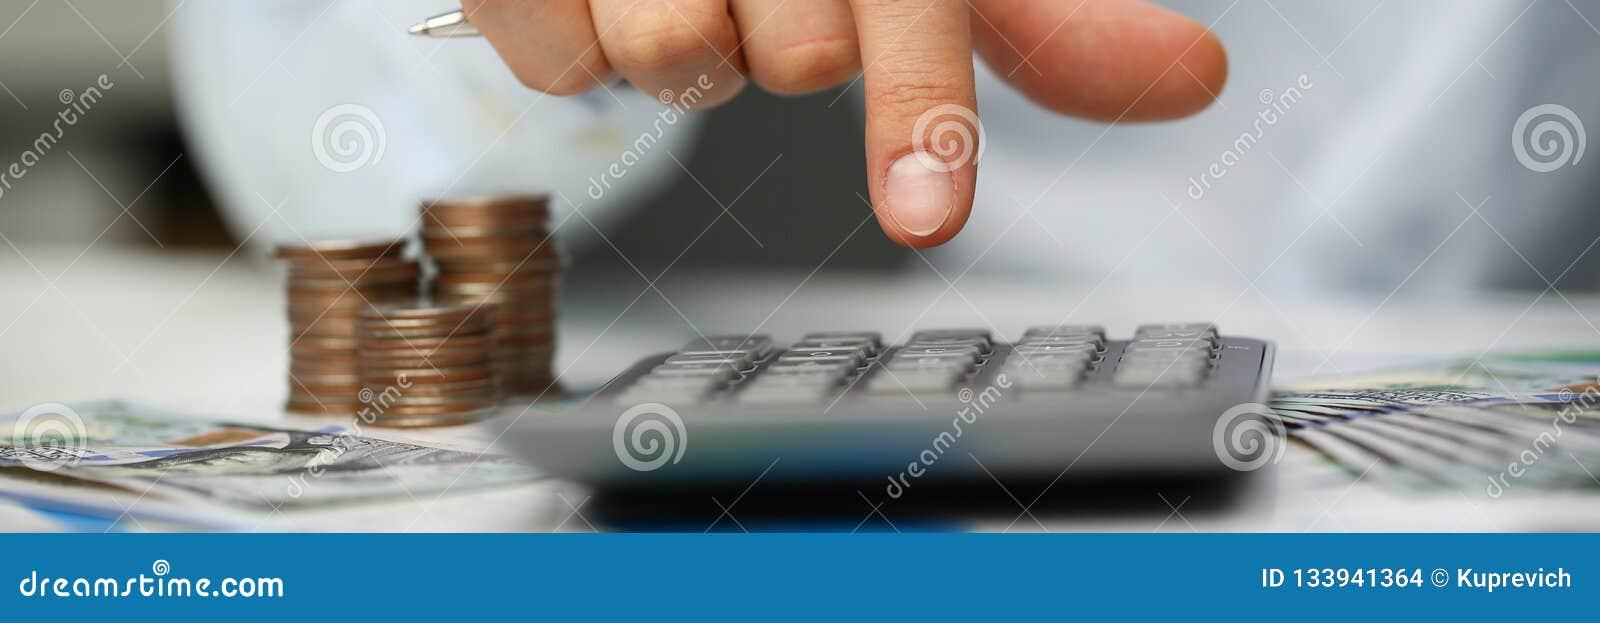 El varón empuja la calculadora manualmente de plata dominante está mintiendo